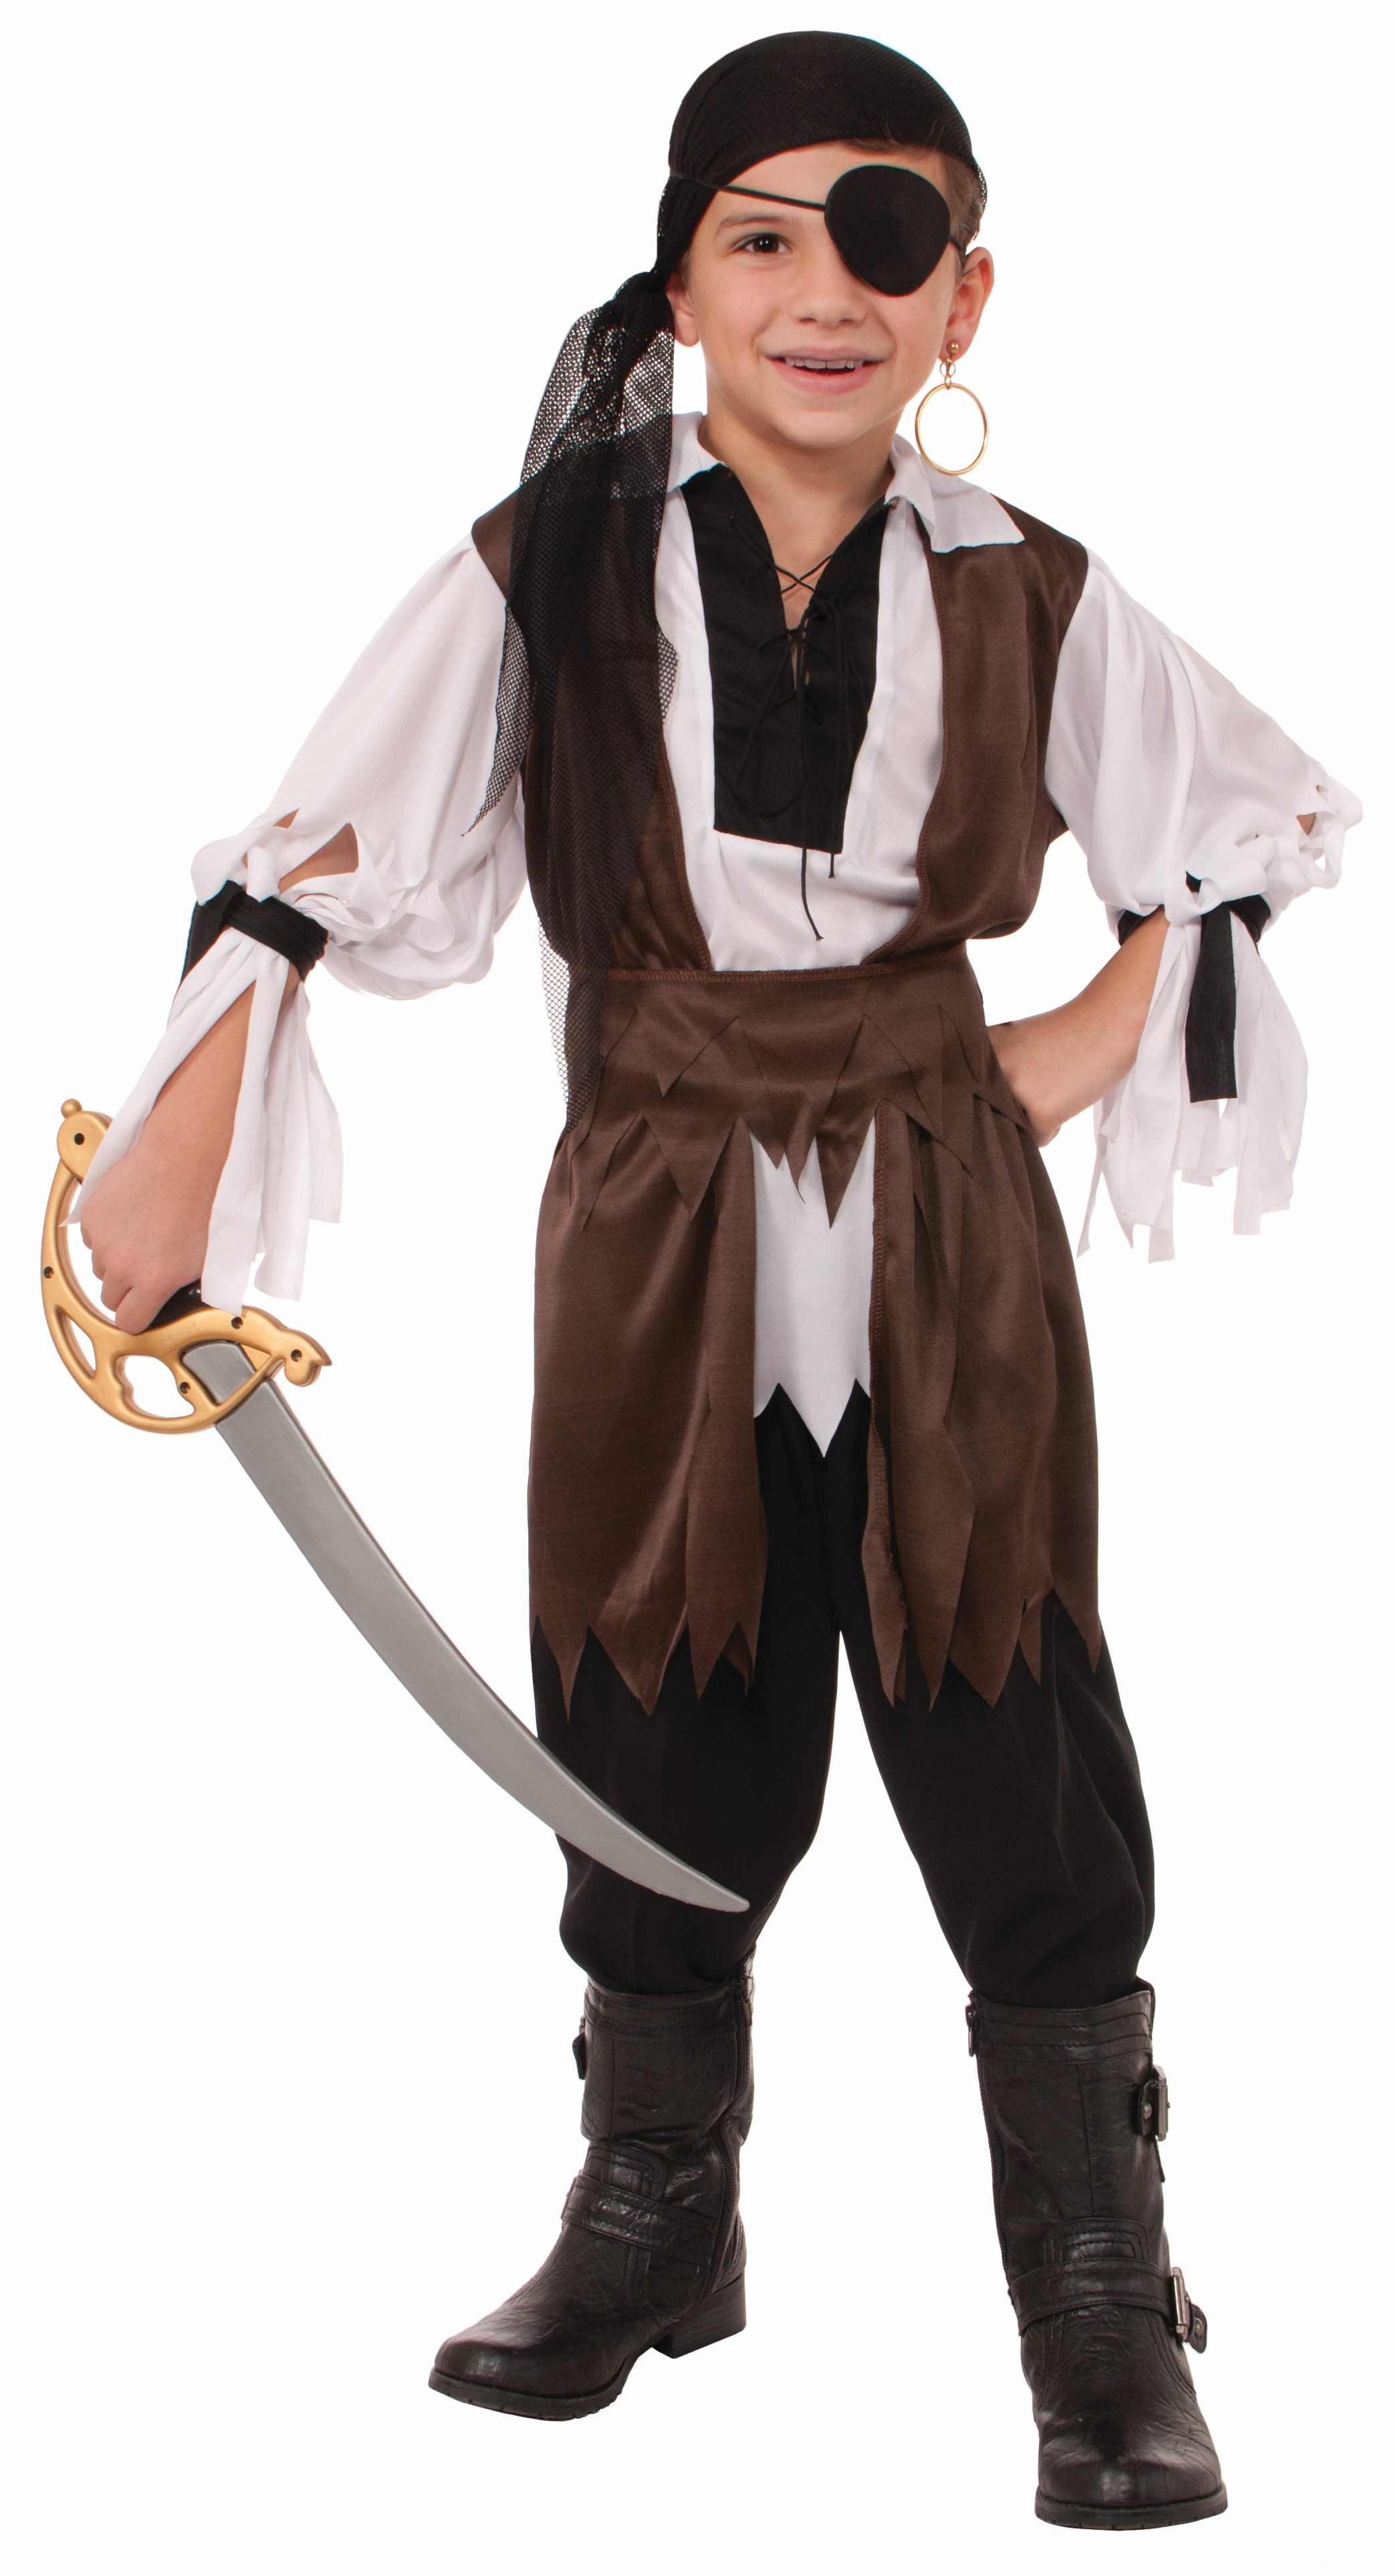 Детский костюм пирата с банданой (38-40) детский костюм озорного клоуна 34